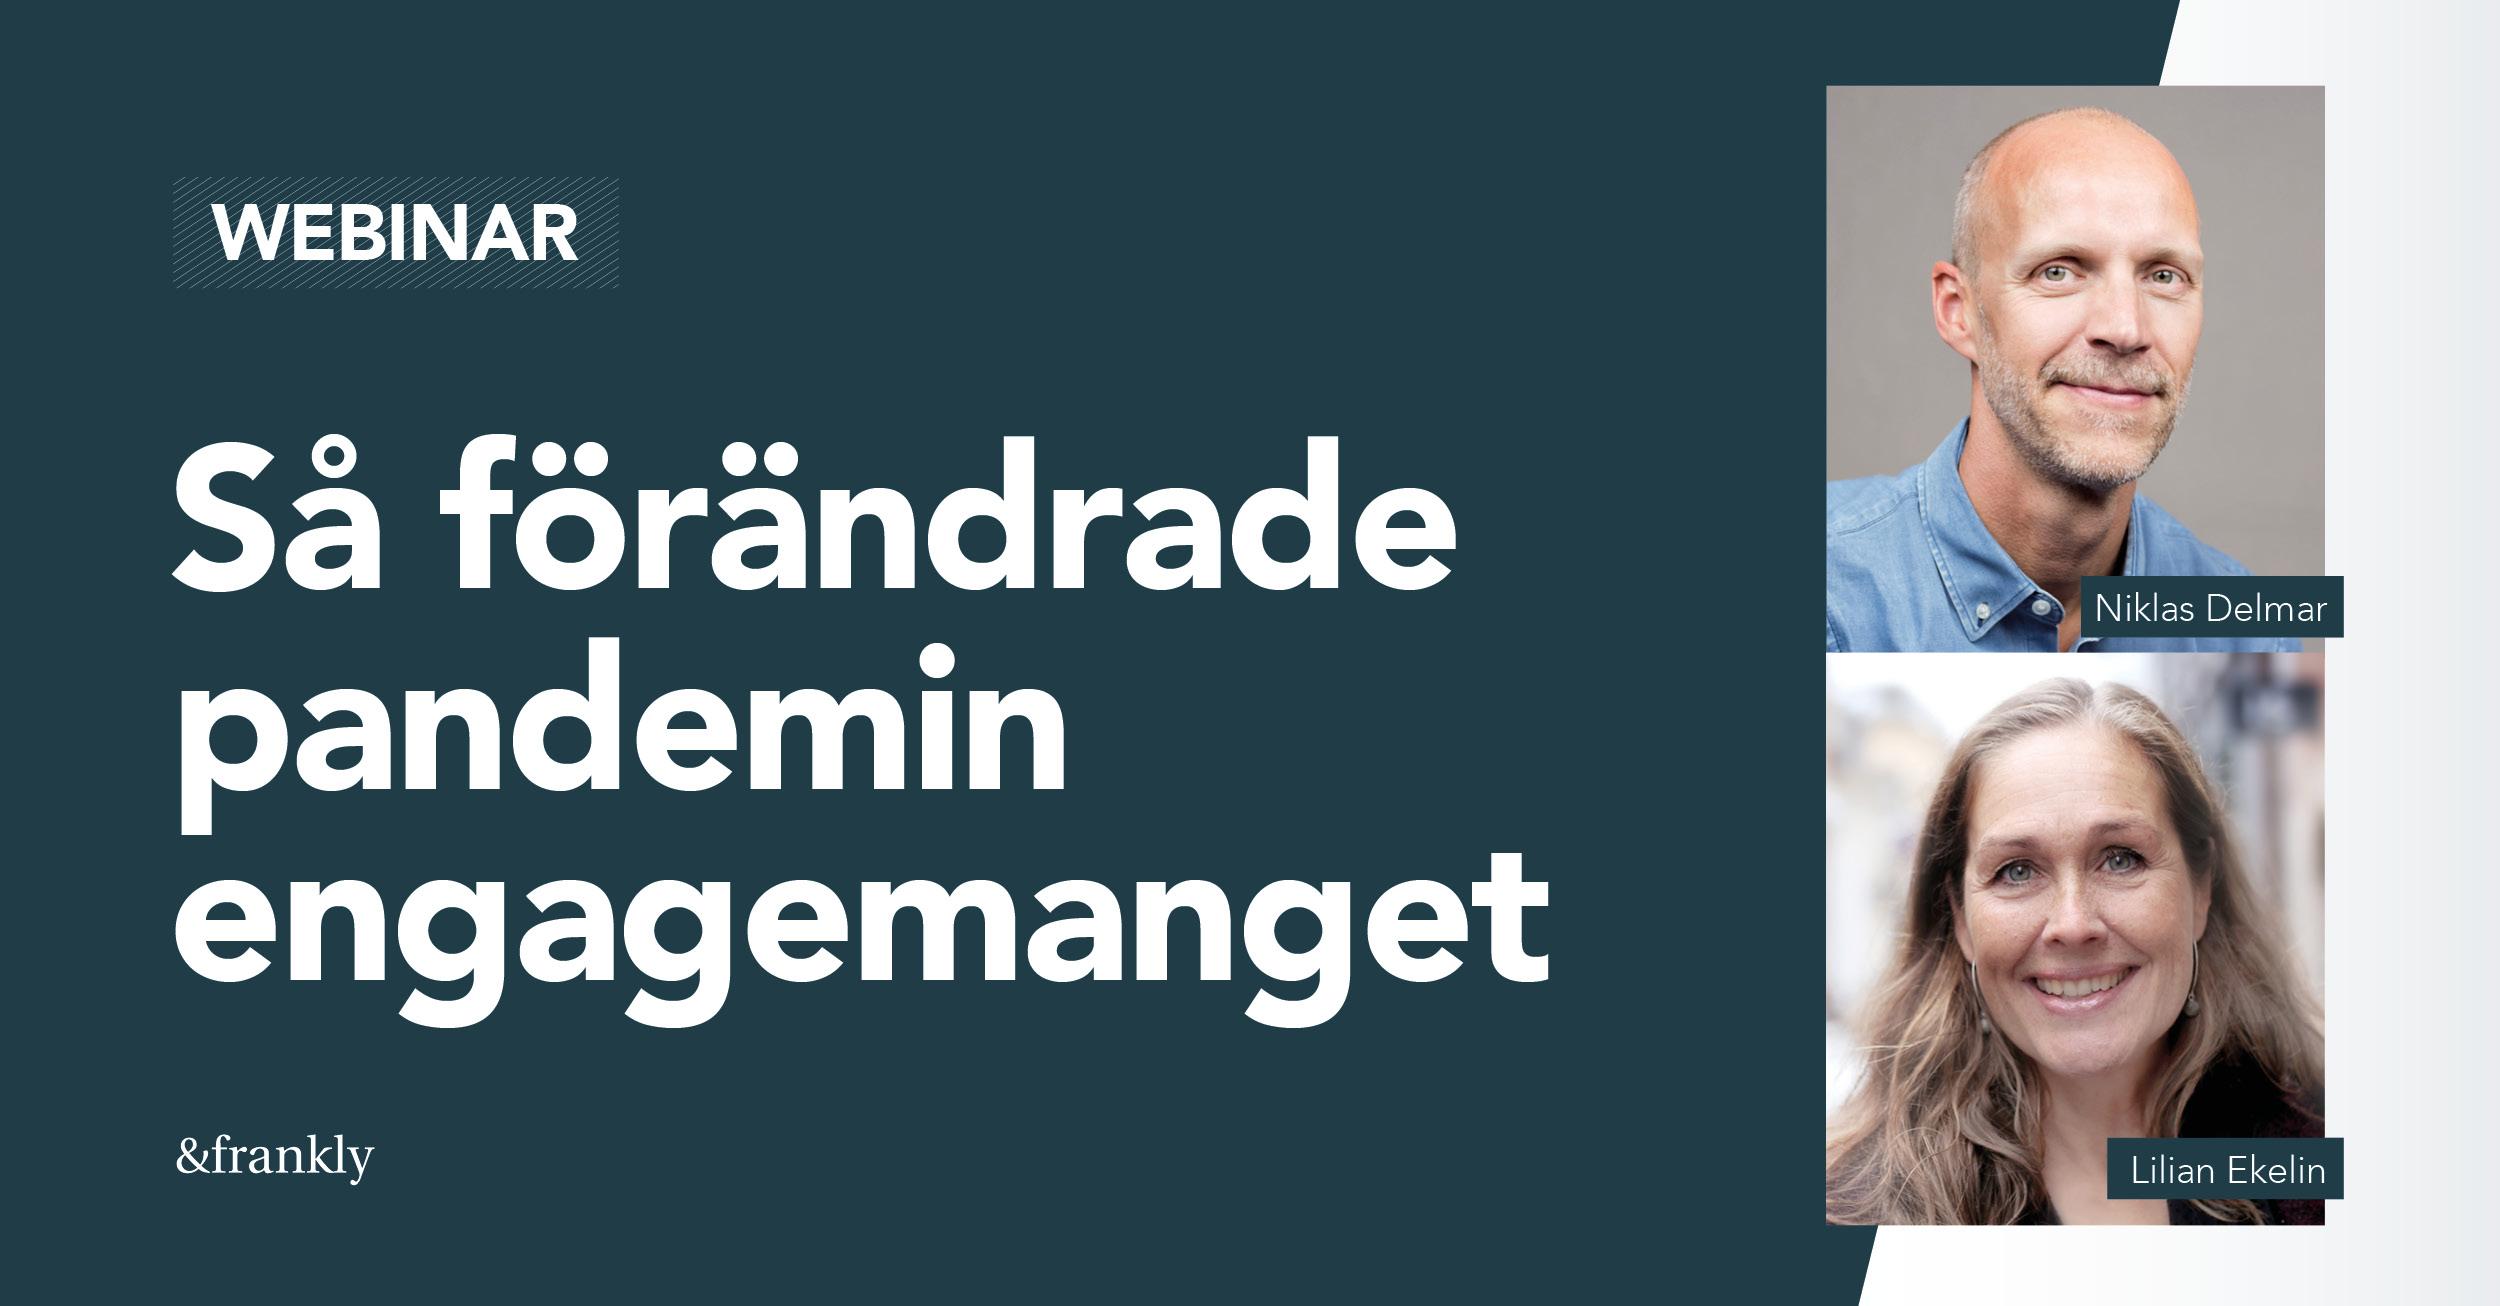 webinar image f mail niklas delmar